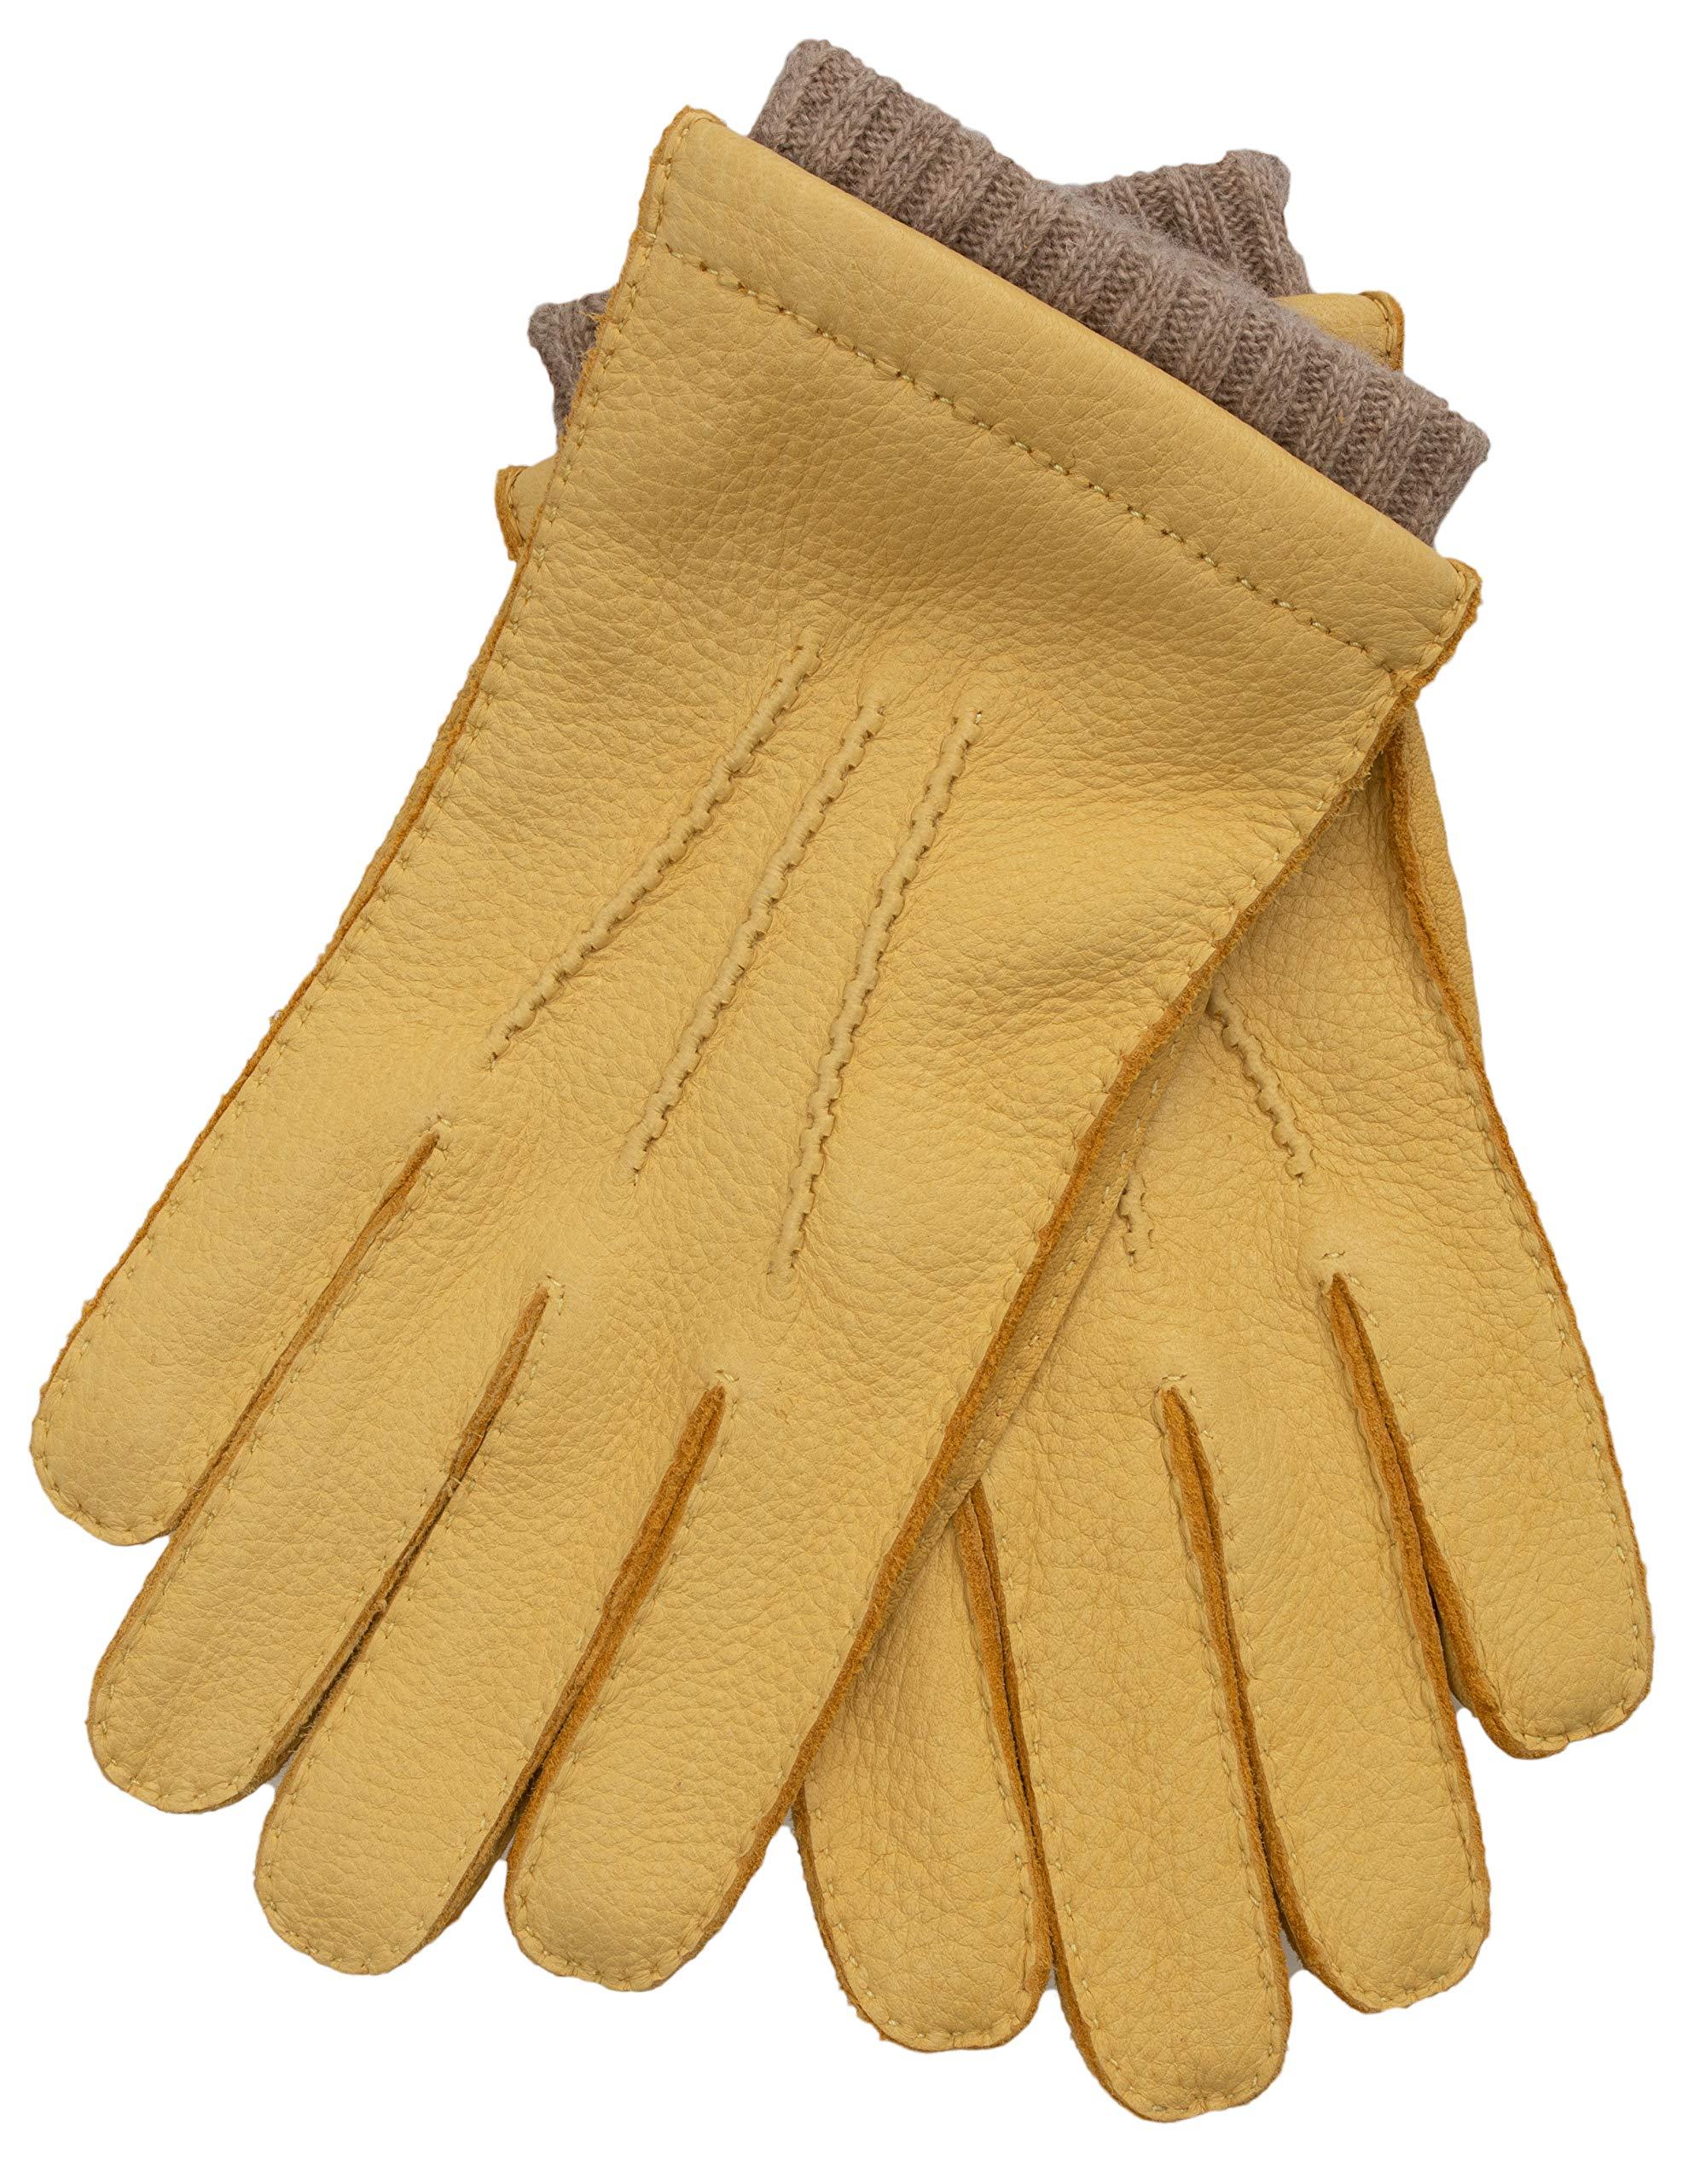 4a58fbcb0aaf EEM gants EDGAR pour hommes en peau de cerf, cousu à la main, doublure